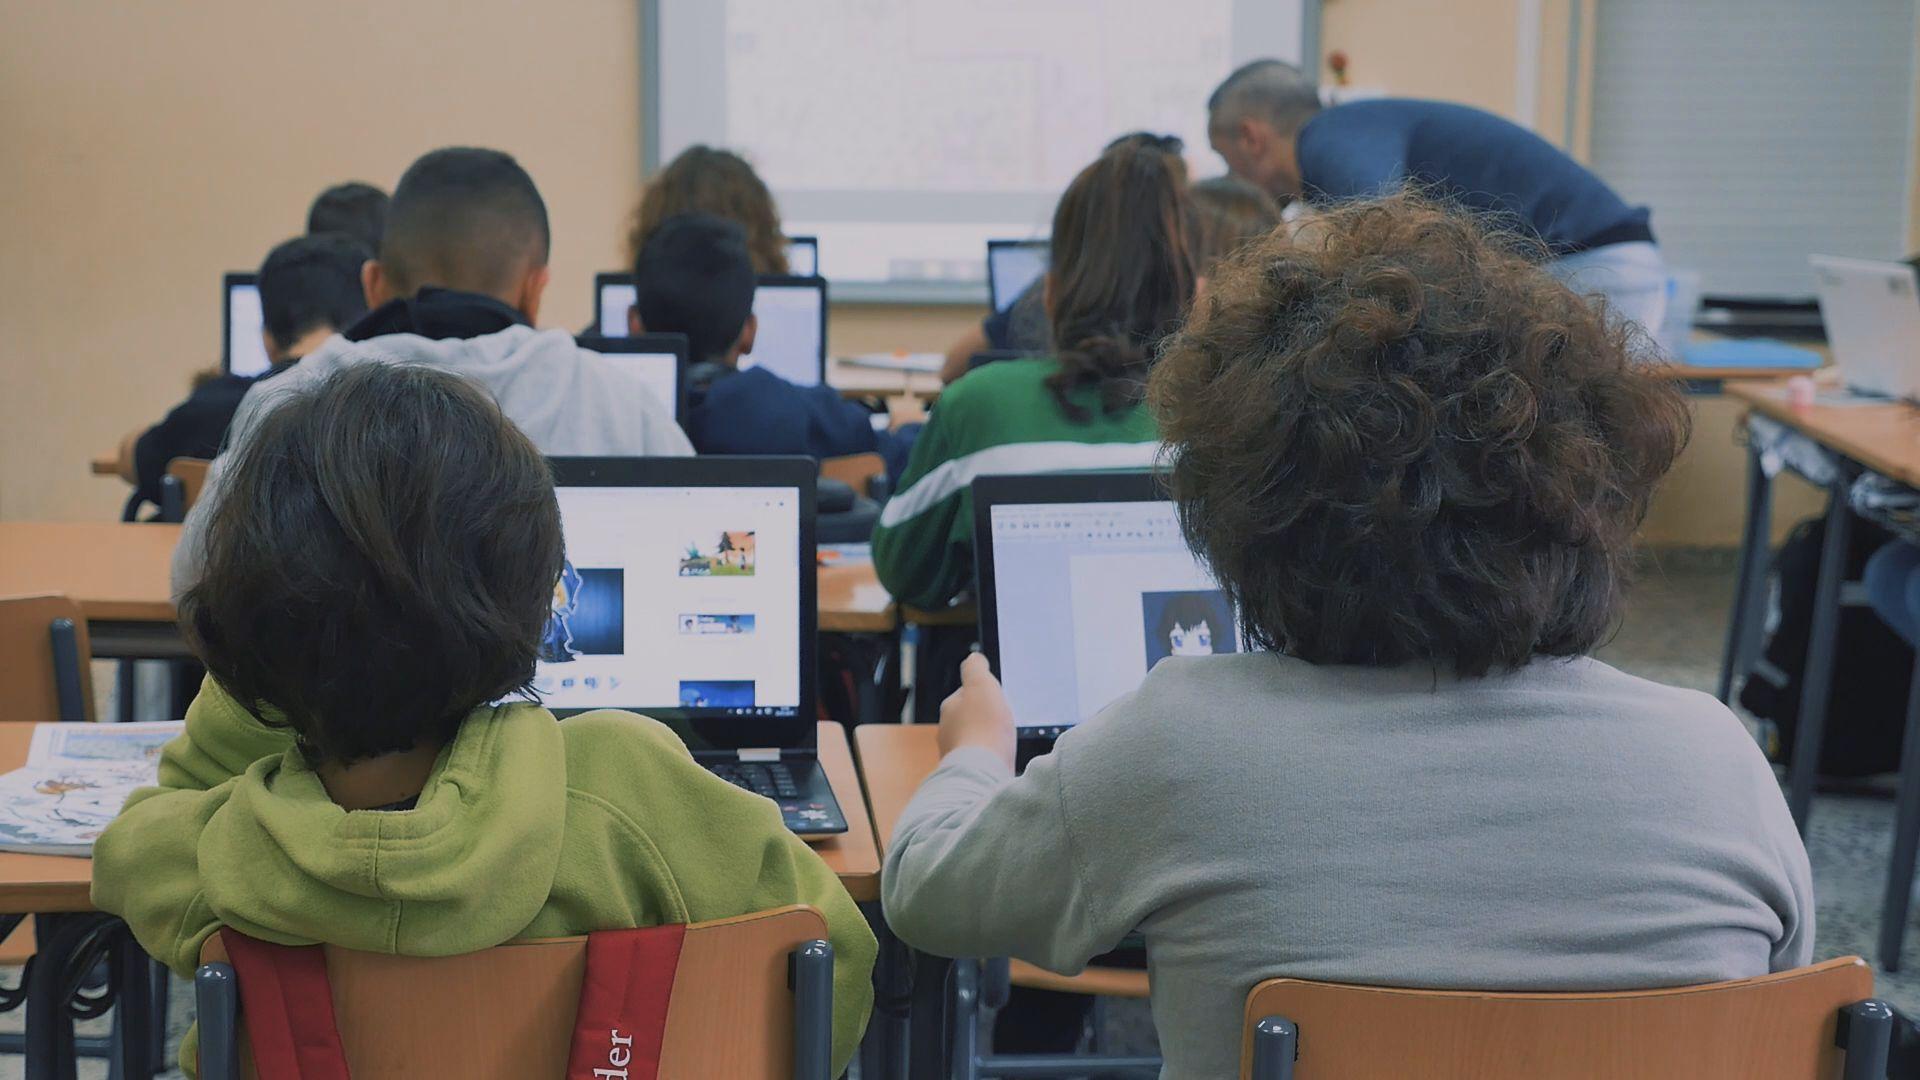 La gamificación es una de las herramientas utilizadas para interesar a los alumnos en el aprendizaje